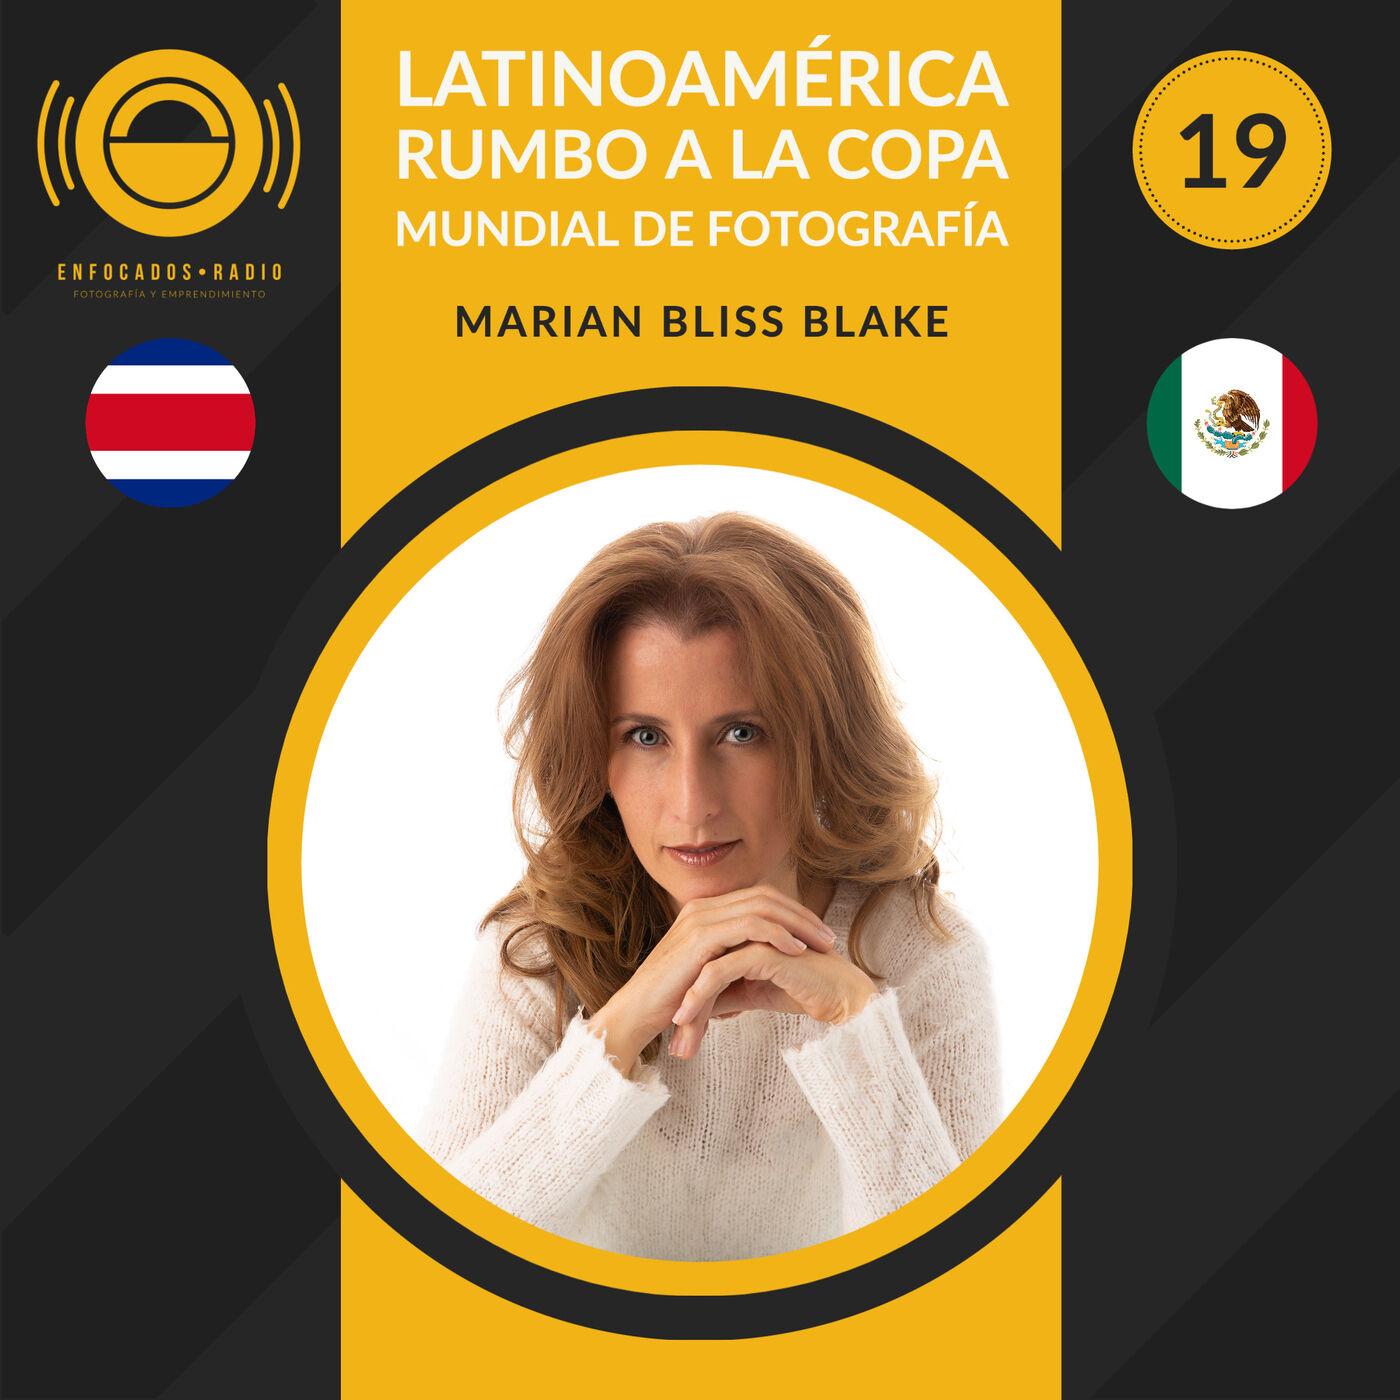 EP019: Latinoamérica rumbo a la Copa Mundial de Fotografía